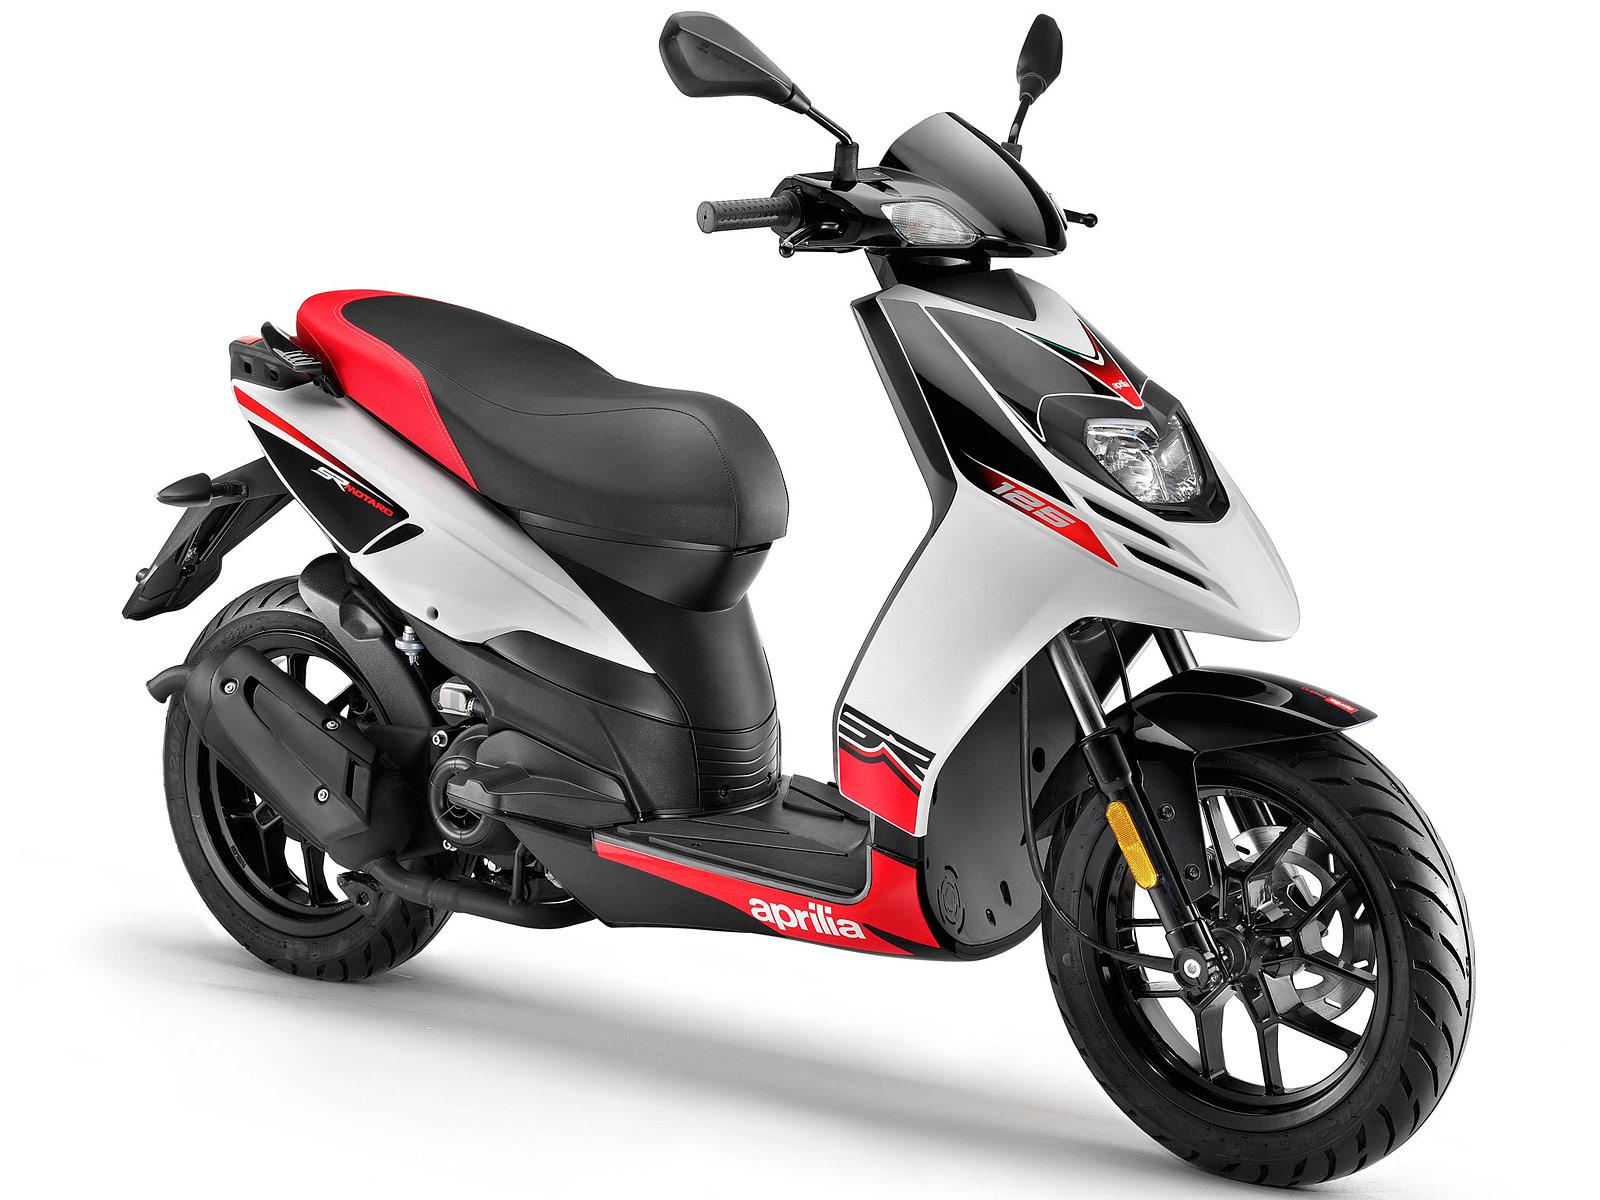 2012 aprilia sr motard 125 scooter picture insurance information. Black Bedroom Furniture Sets. Home Design Ideas